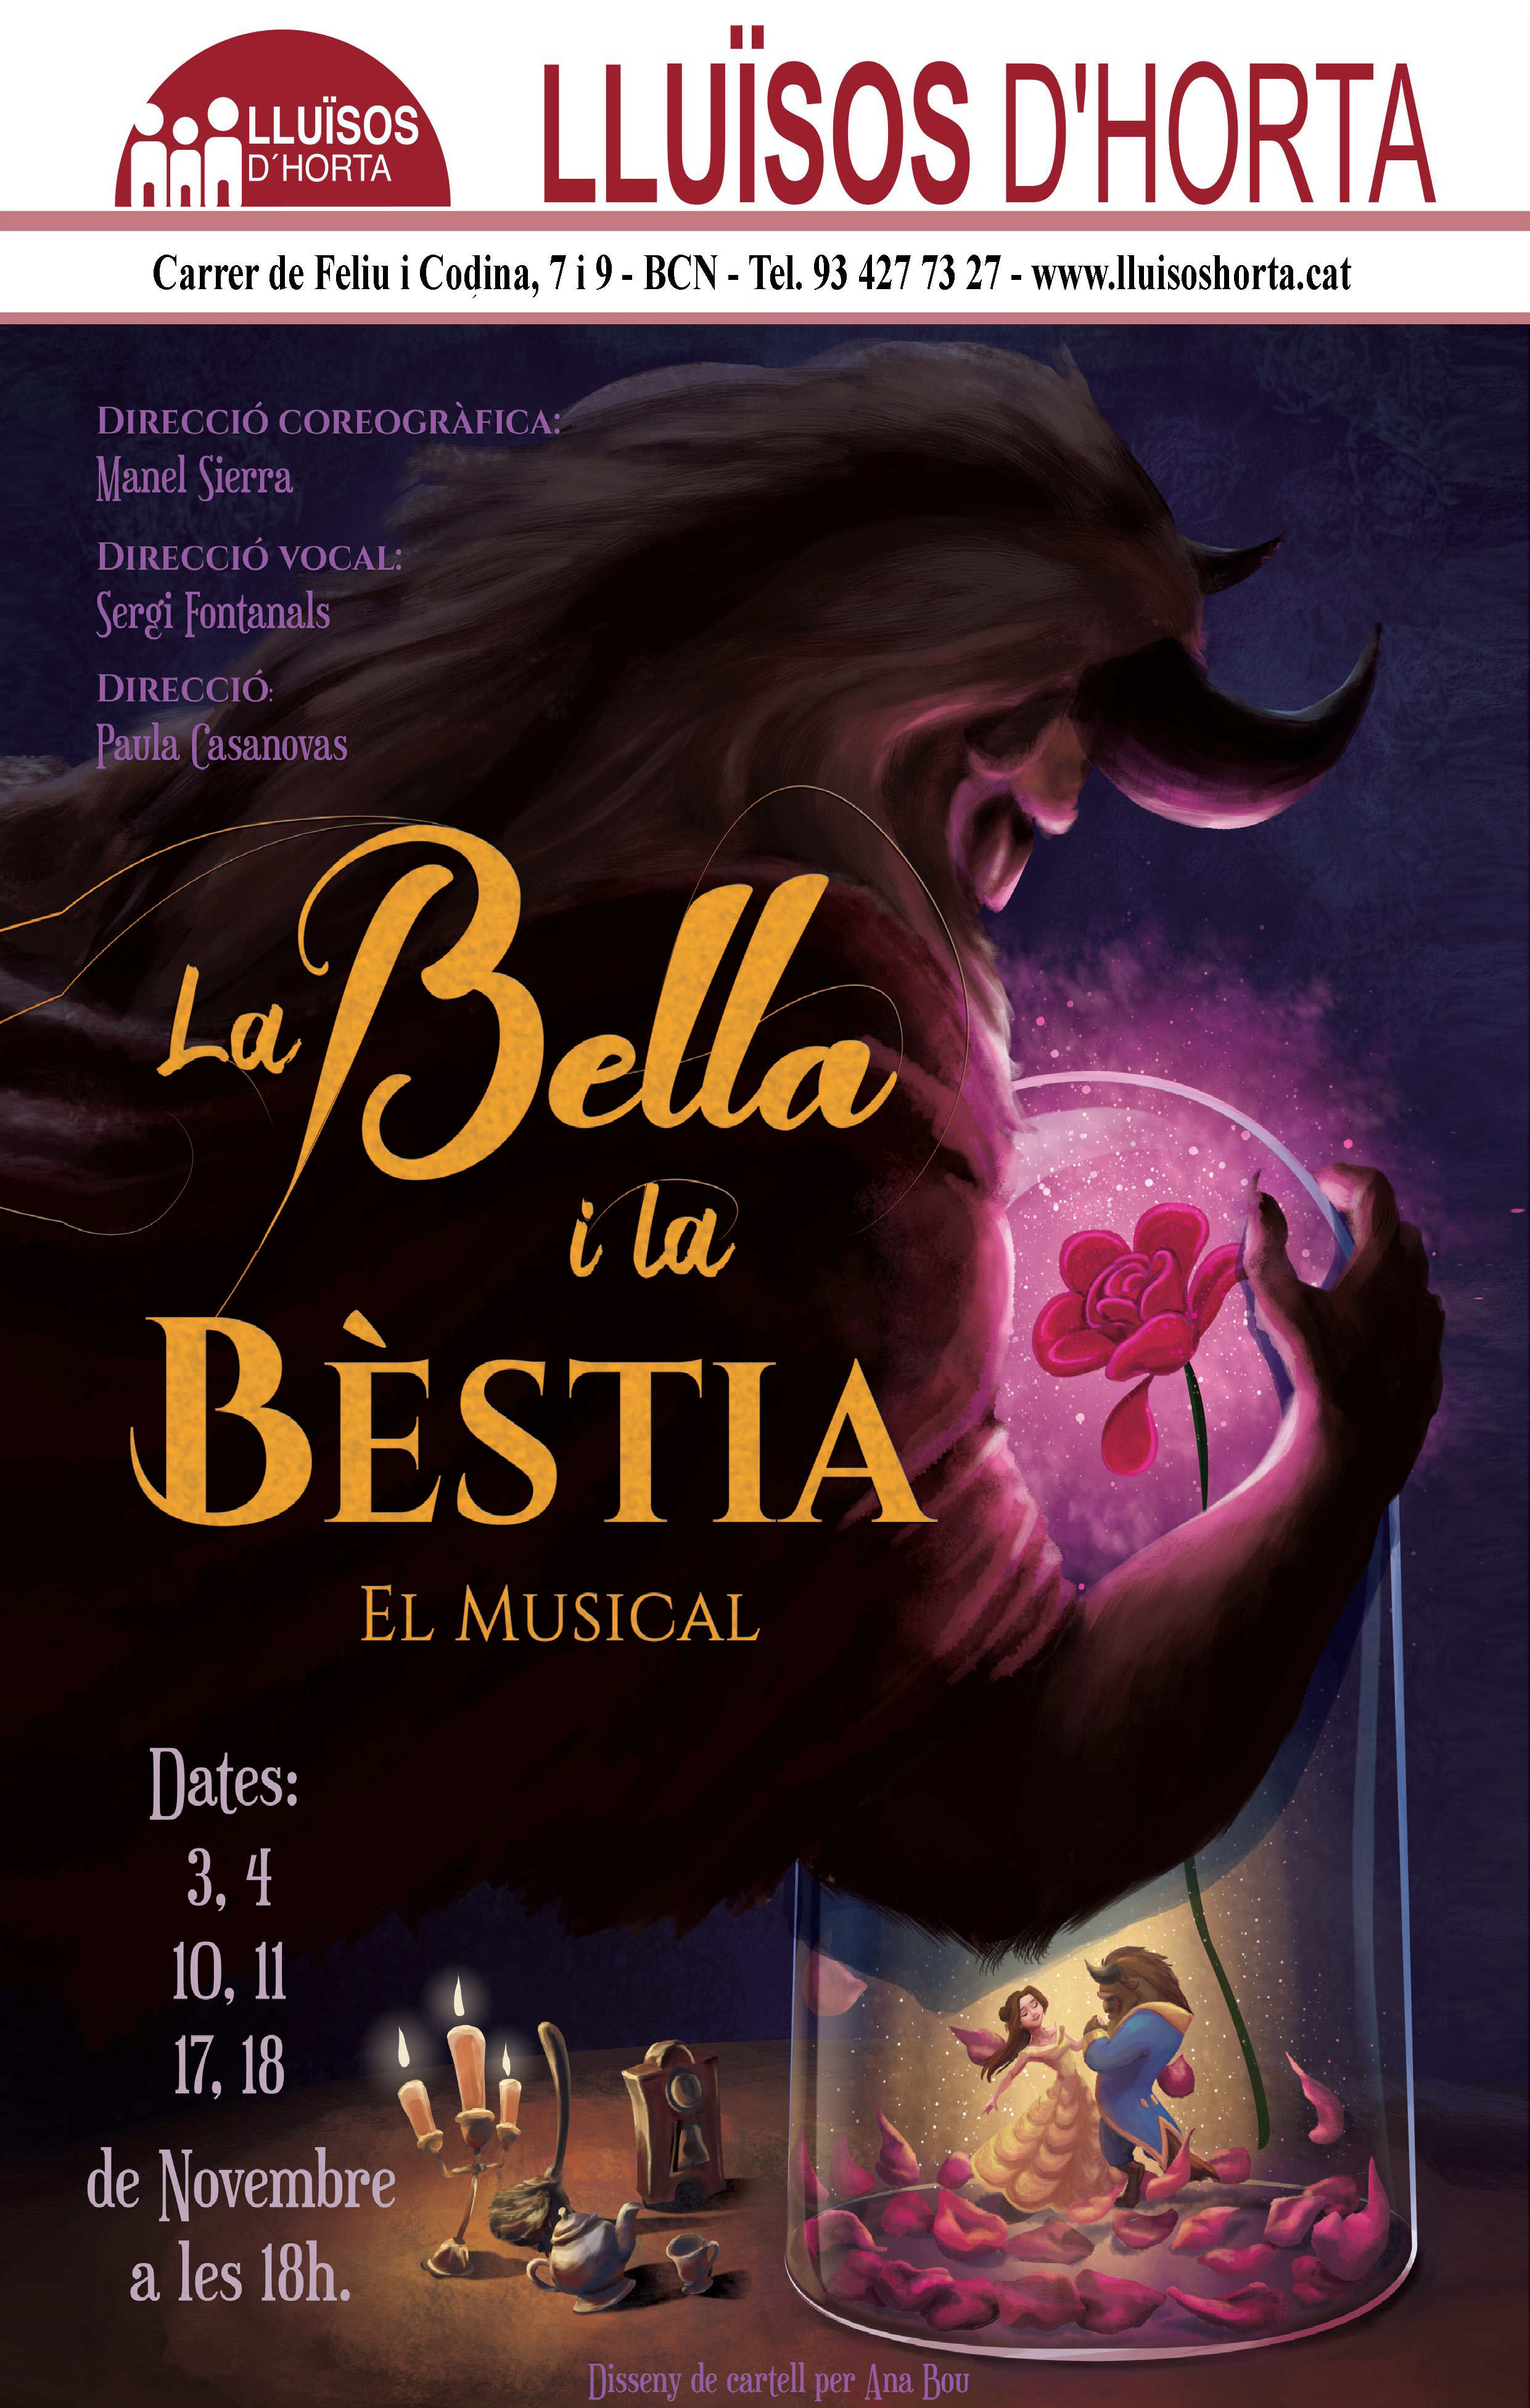 La Bella i la Bestia, el musical